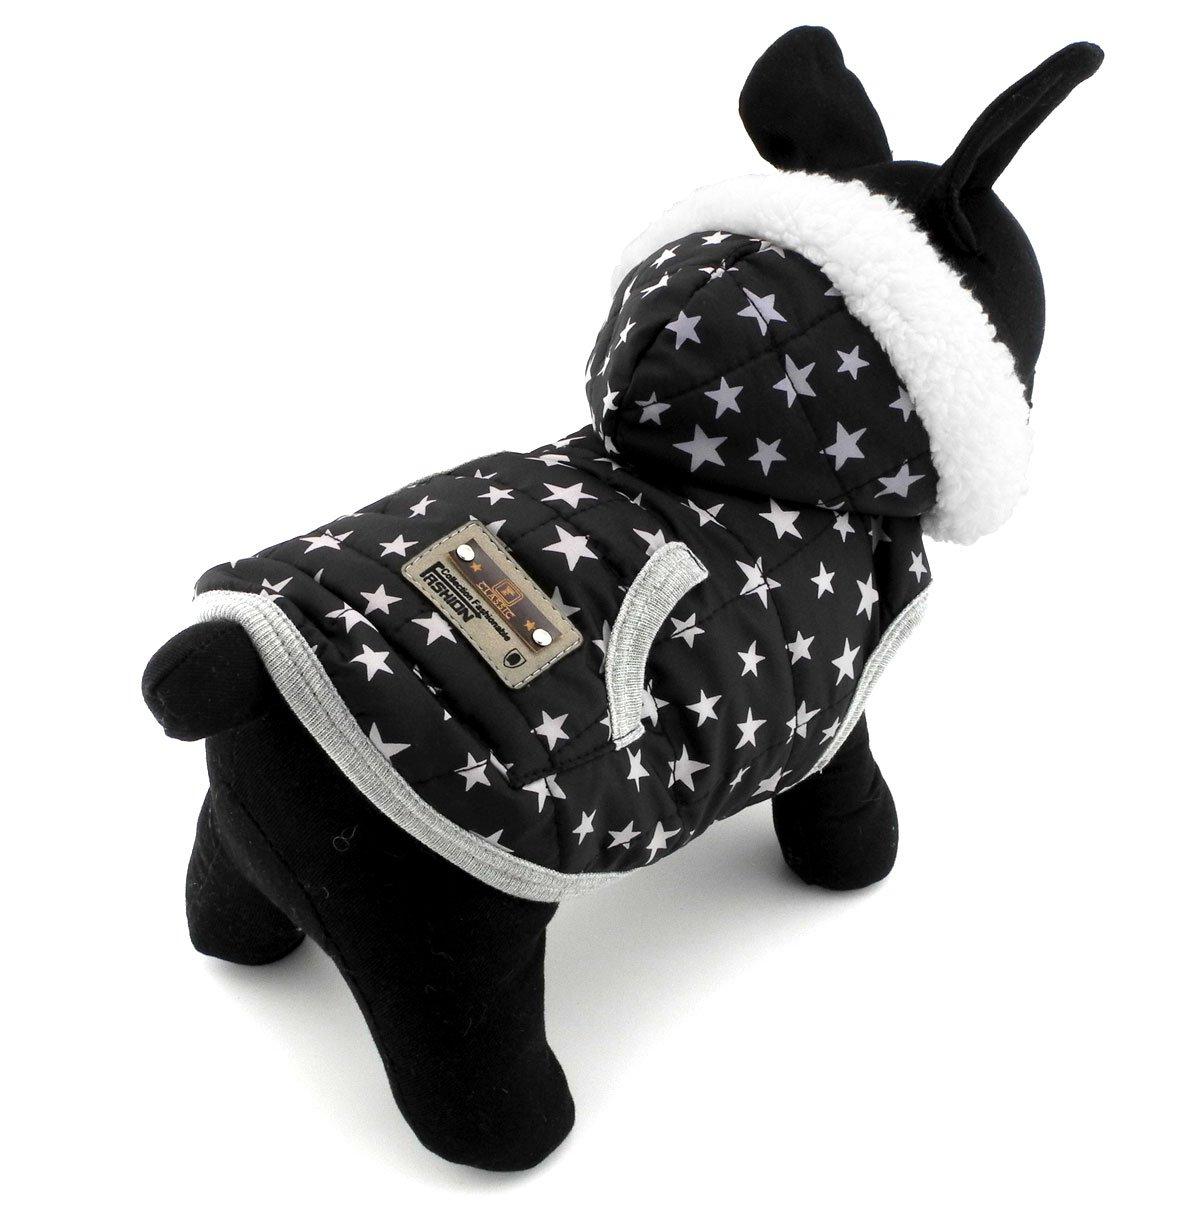 PEGASUS Dots Print Small Dog Vest Winter Coat Hooded Jacket Puppy Pet Cat Clothes Cashmere Black XL